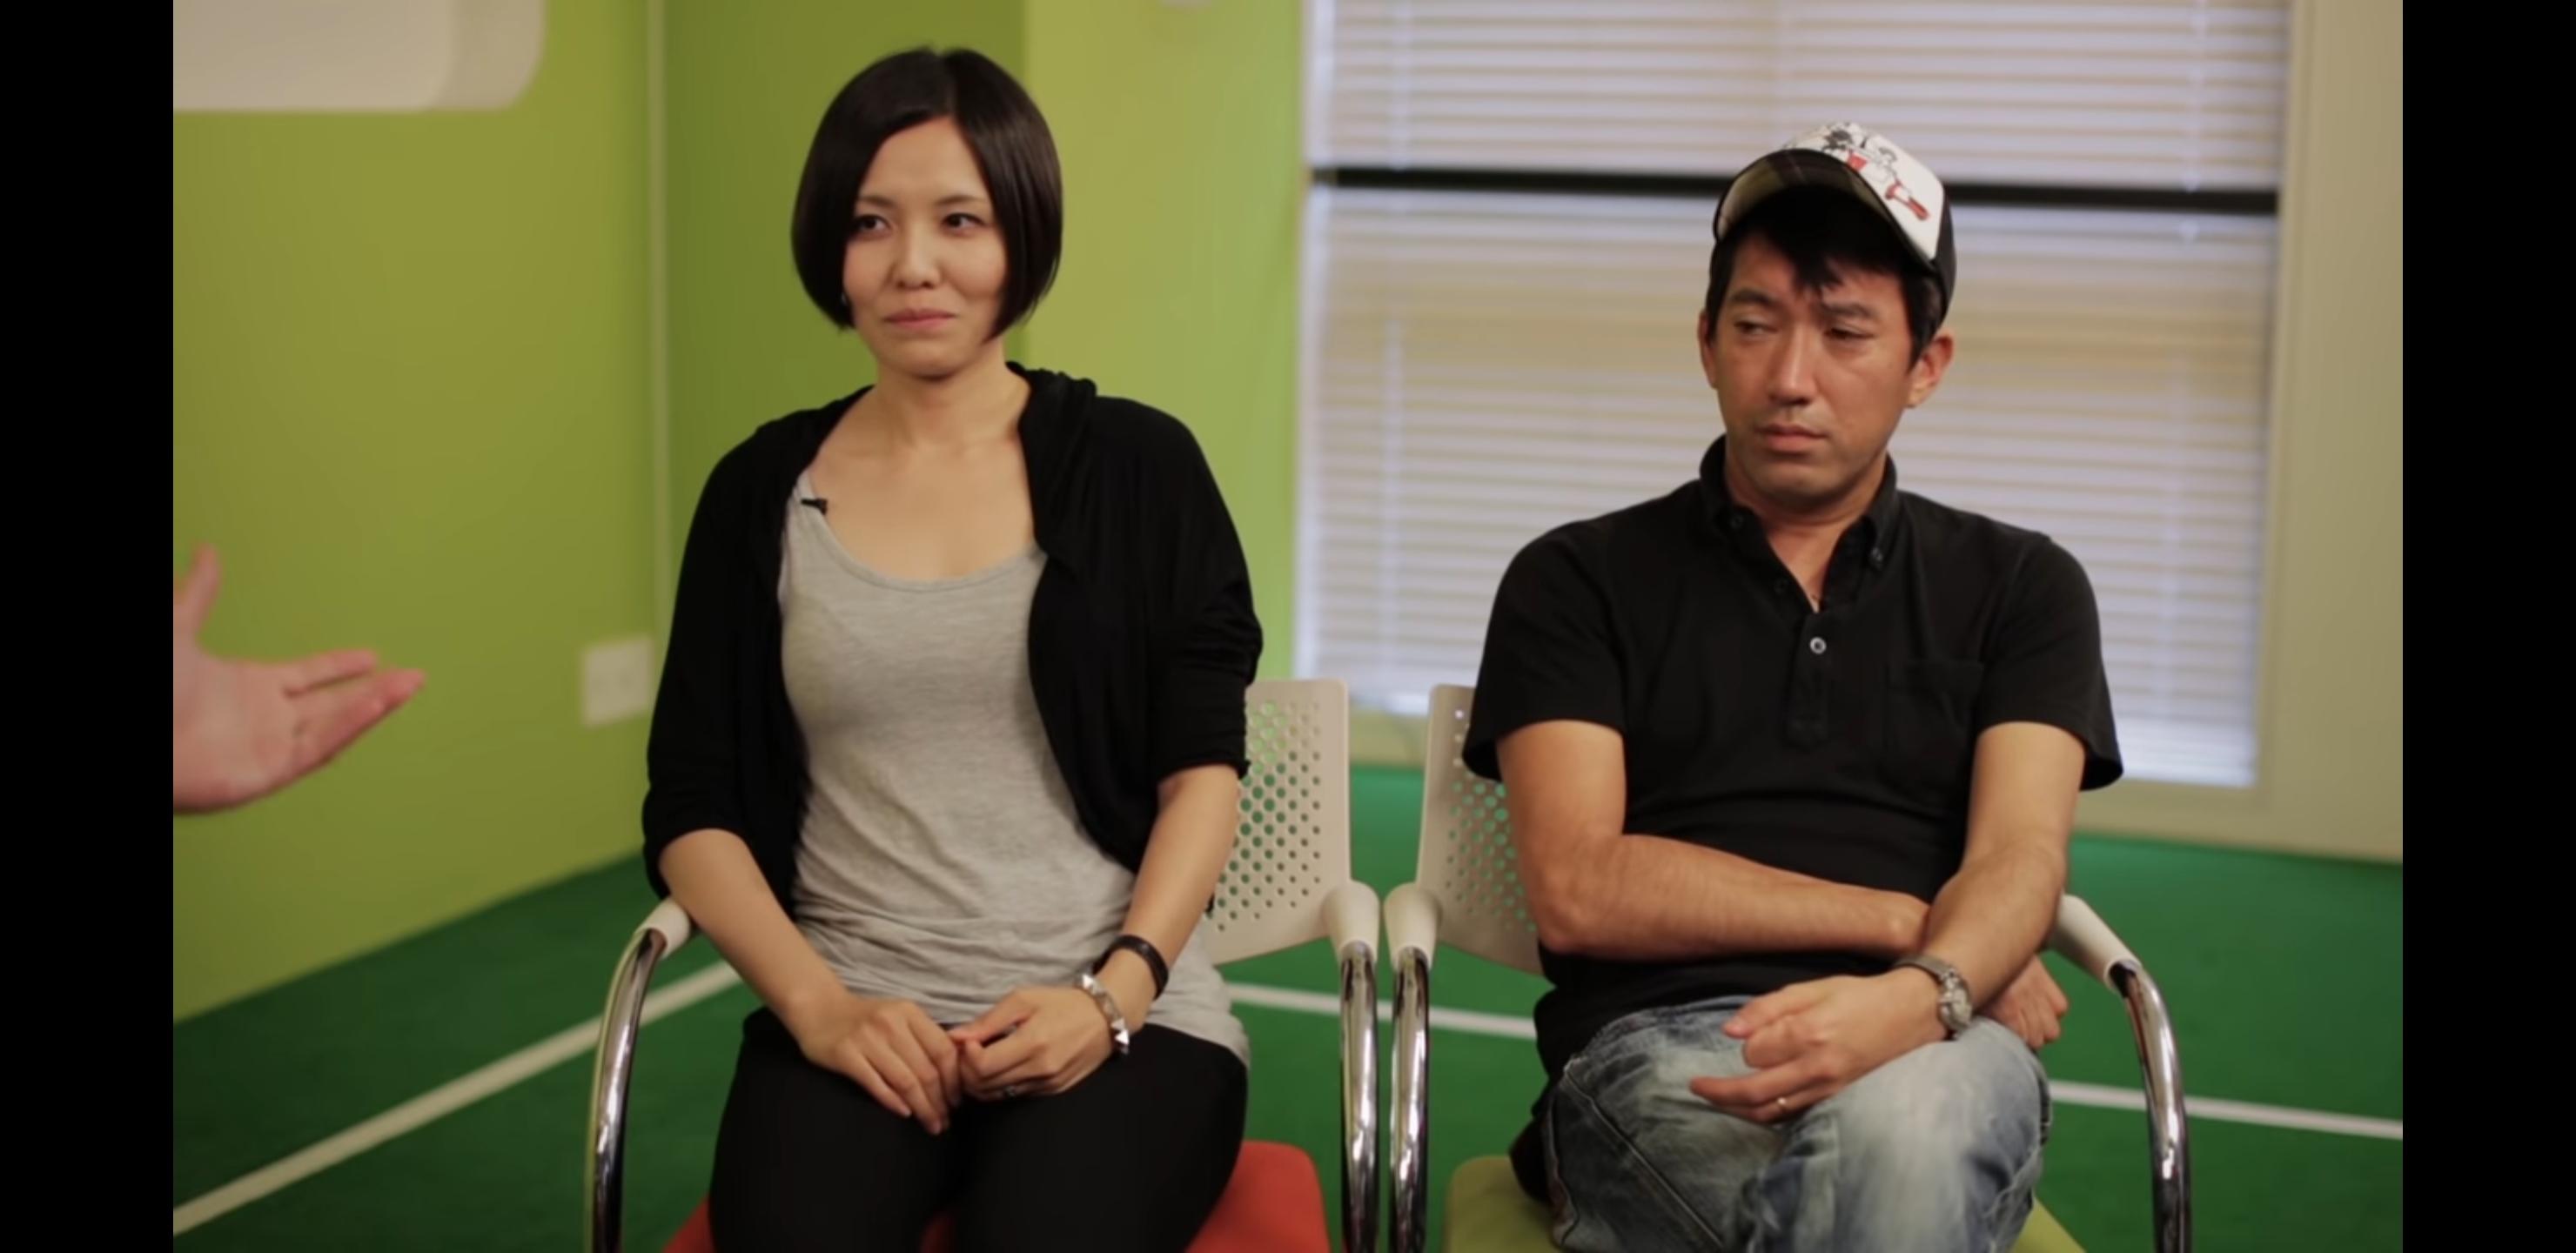 1 19 - 【画像】とある日本人女性、『E3』にてめちゃくちゃ注目を浴びてしまう 世界中でトレンドに